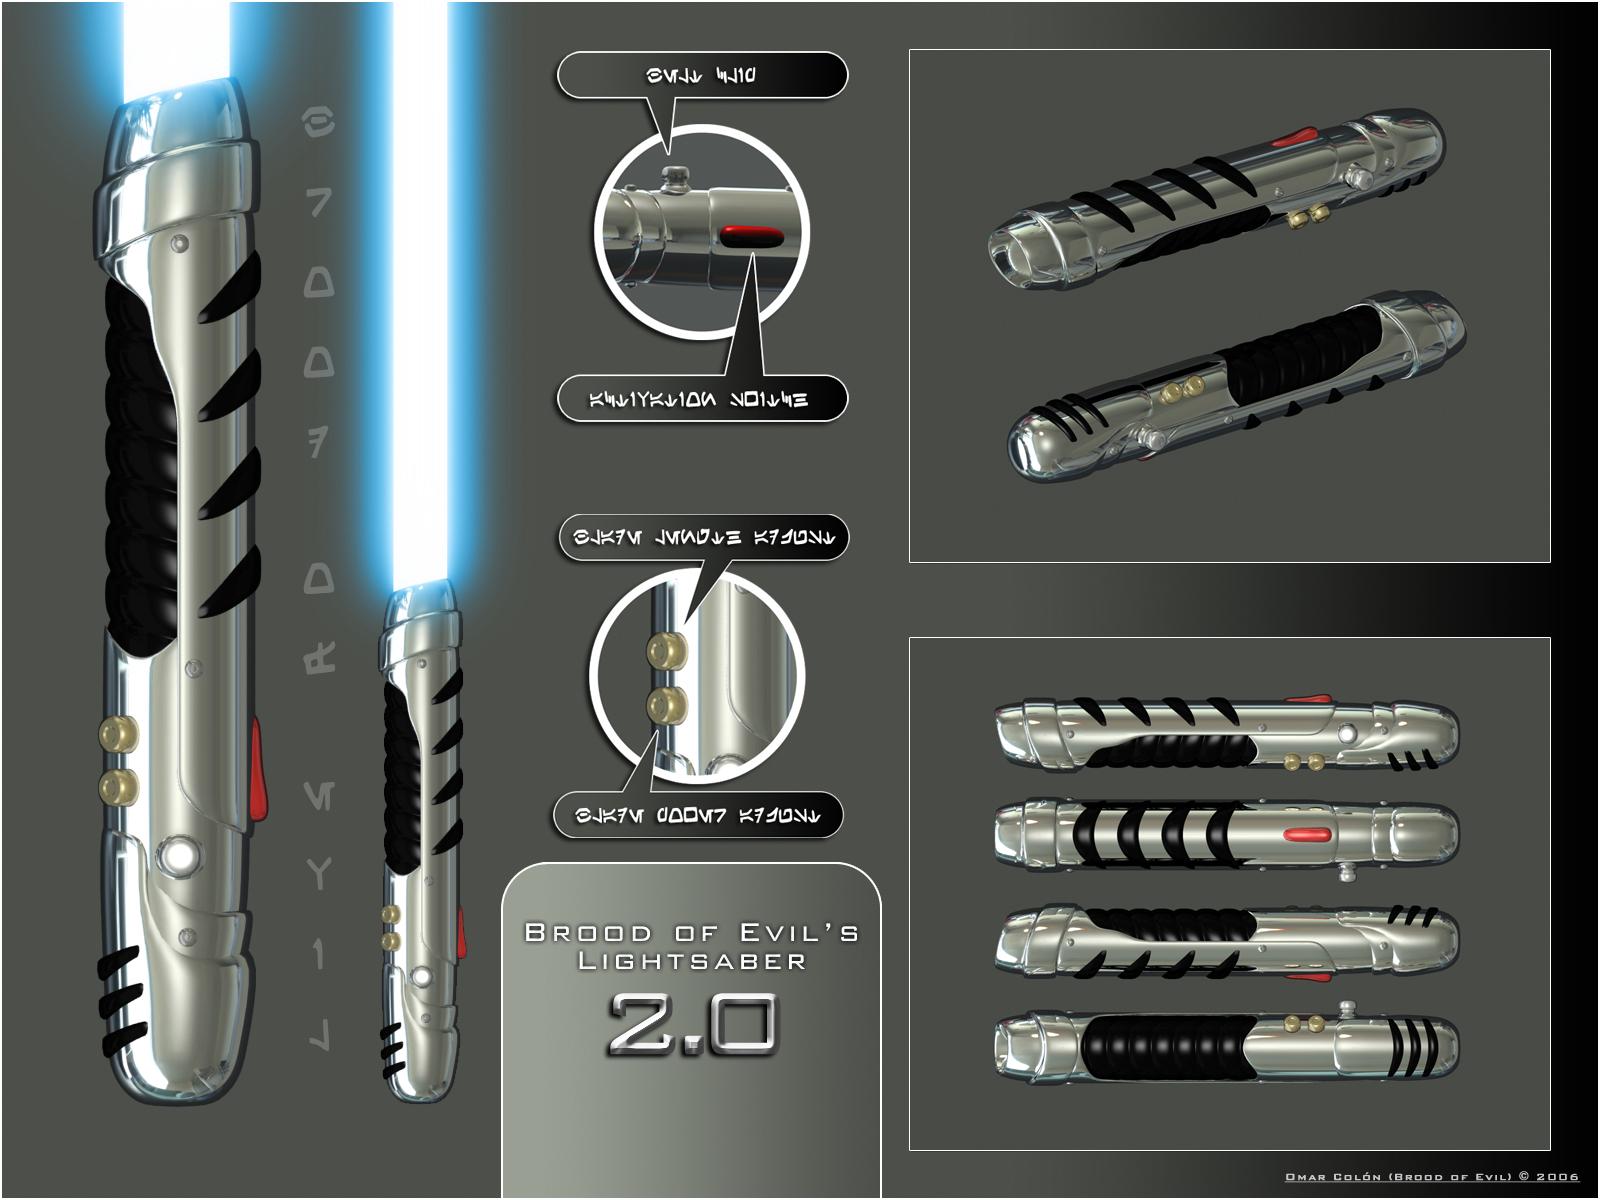 Lightsaber v2.0